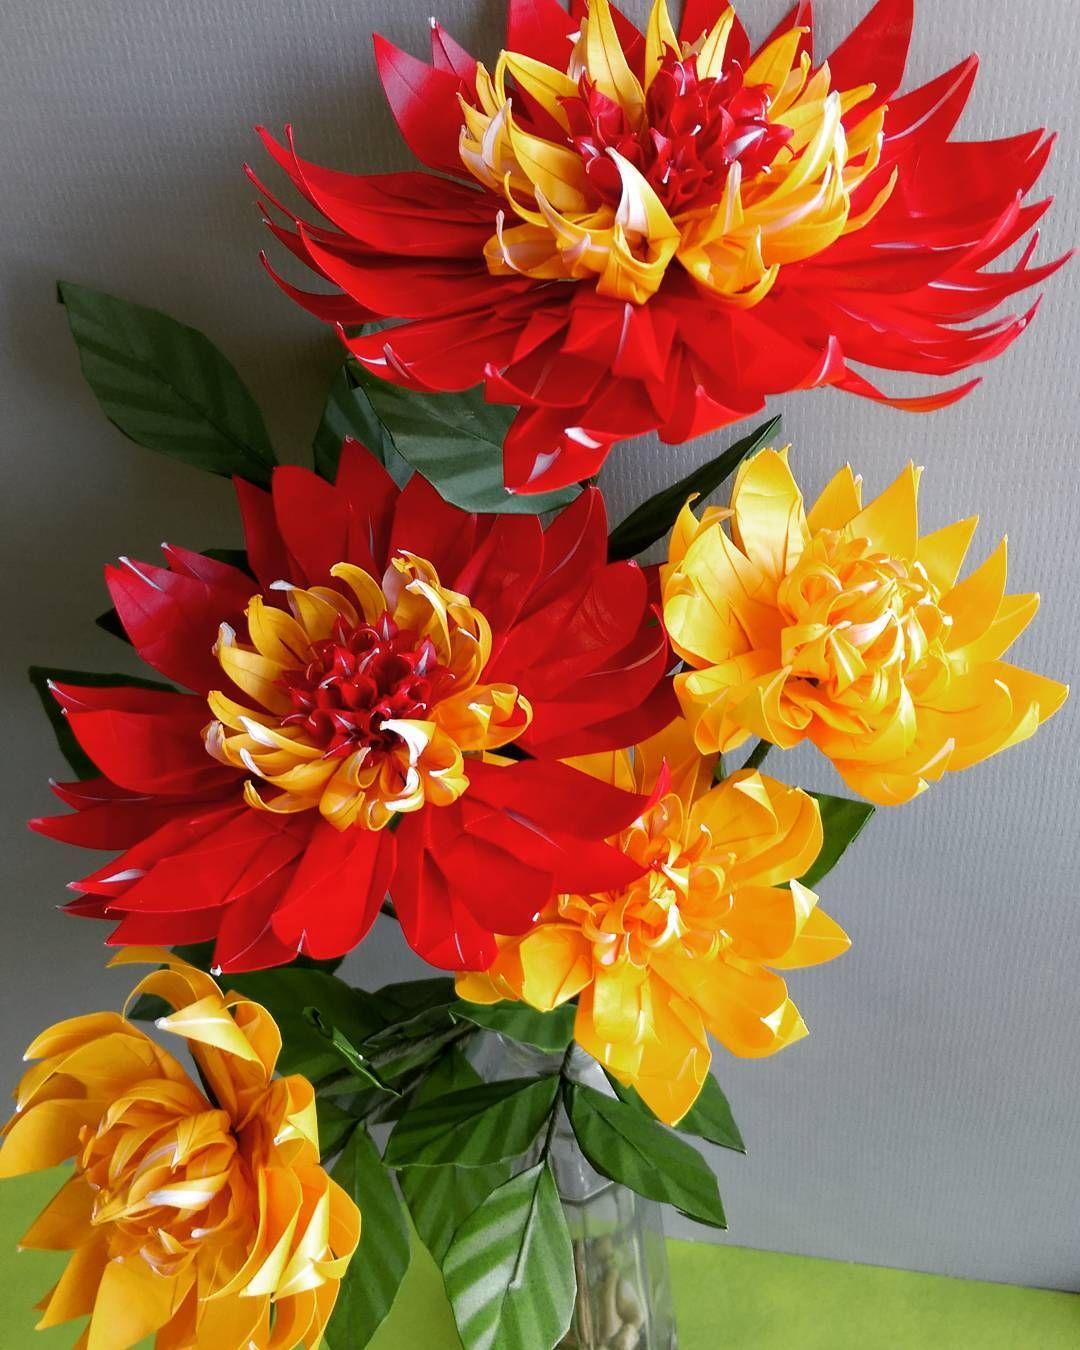 Оранж доставка цветов ews/106 оригинальный подарок на годовщину свадьбы жене